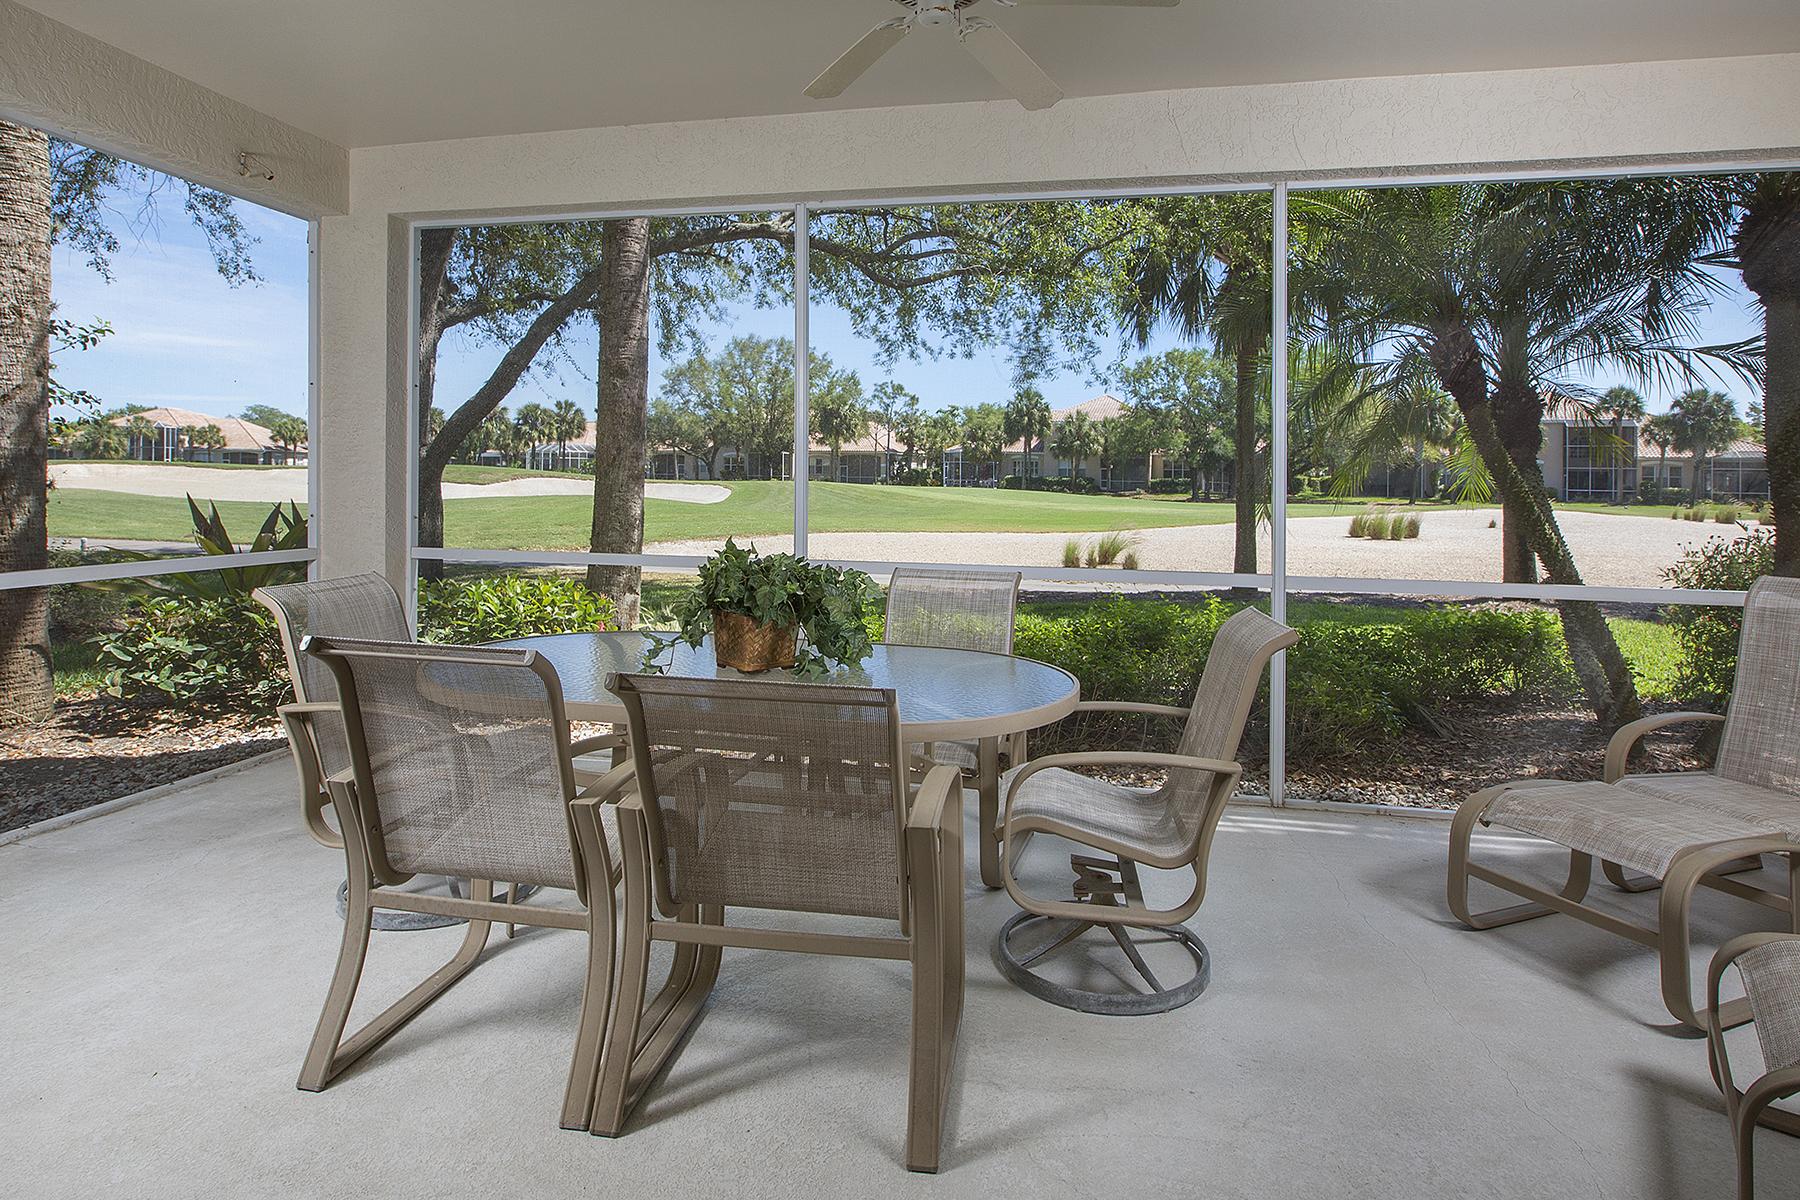 Condominium for Sale at PELICAN LANDING-CREEKSIDE CROSSING 25260 Pelican Creek Cir 101, Bonita Springs, Florida 34134 United States